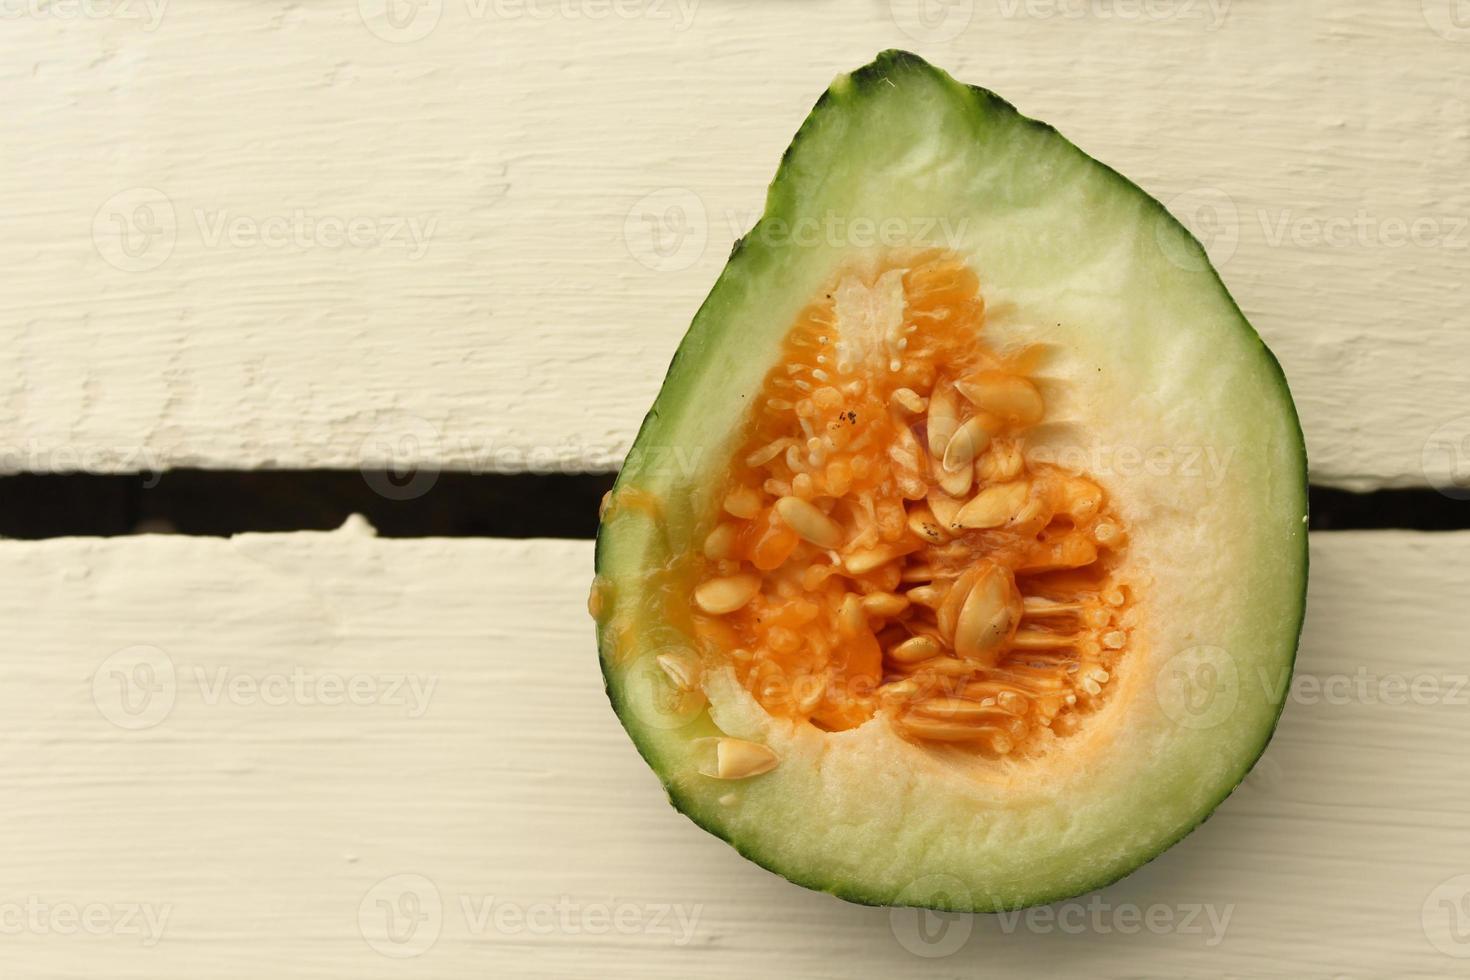 geschnittene Melone auf einem hölzernen Hintergrund foto